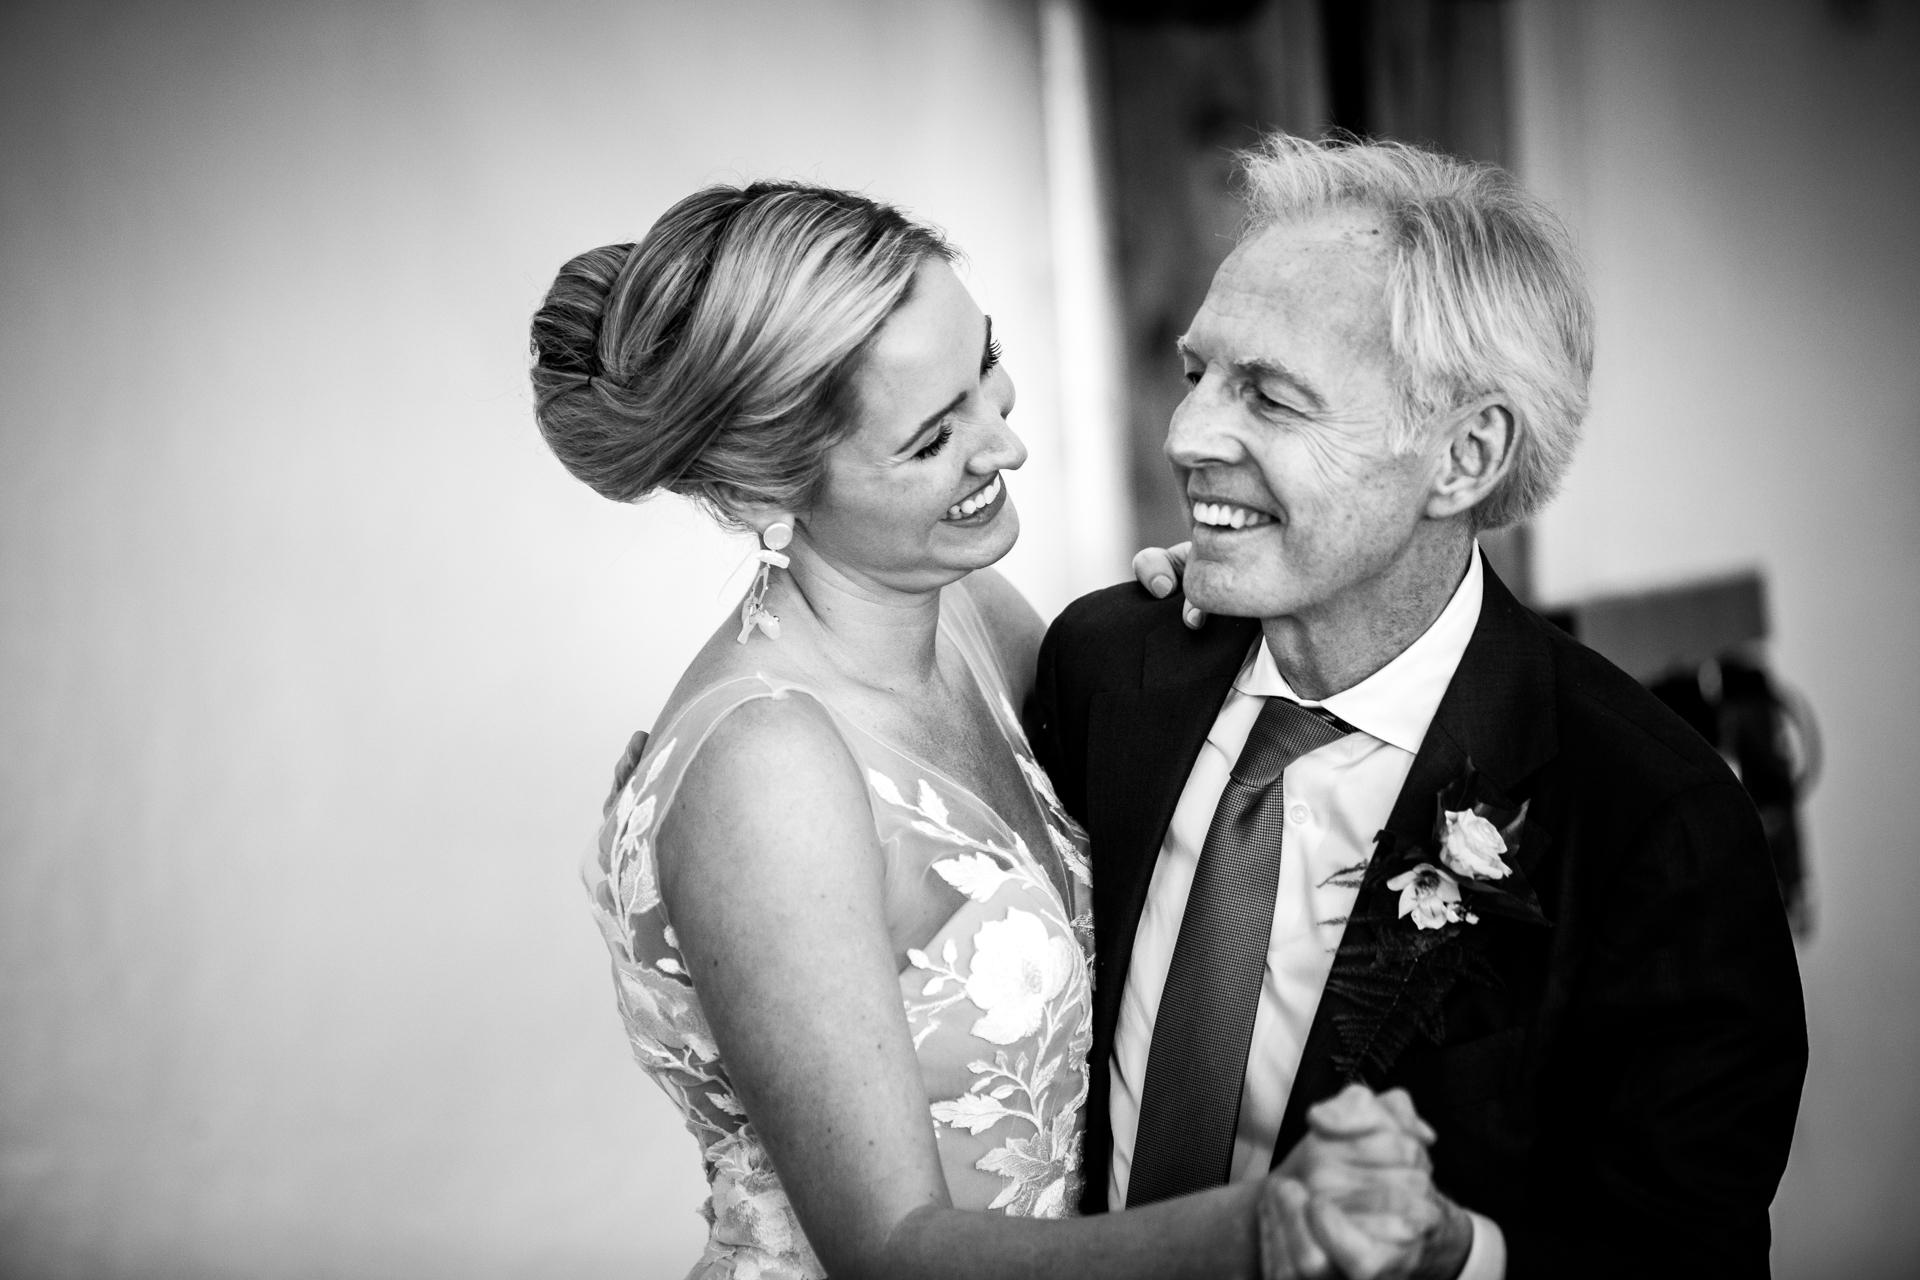 Photographe de mariage dans le sud de la France | La mariée a apprécié le jour de son mariage avec une danse avec son père.